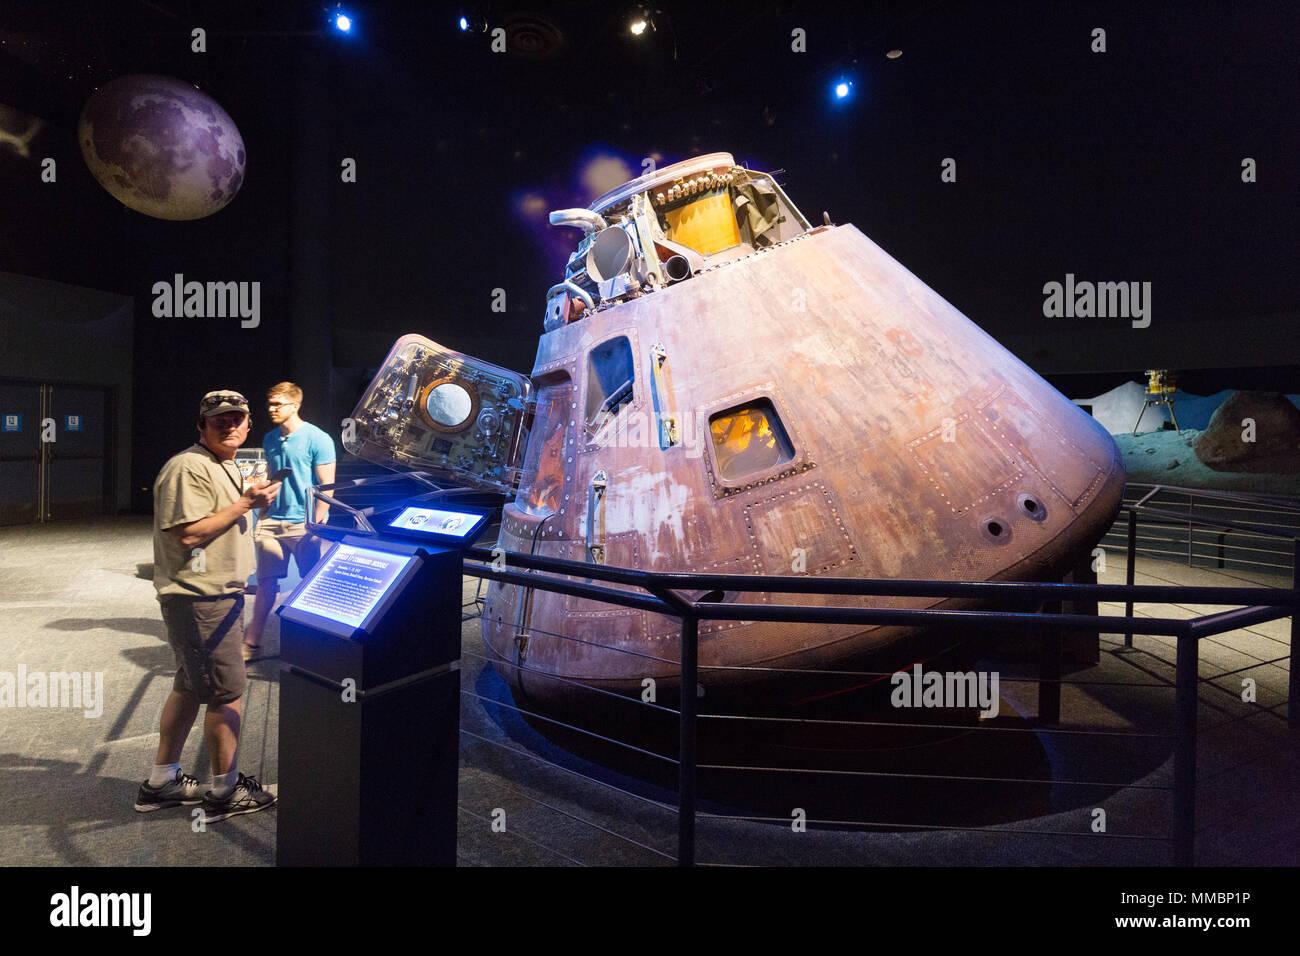 spacecraft manned lunar - photo #27